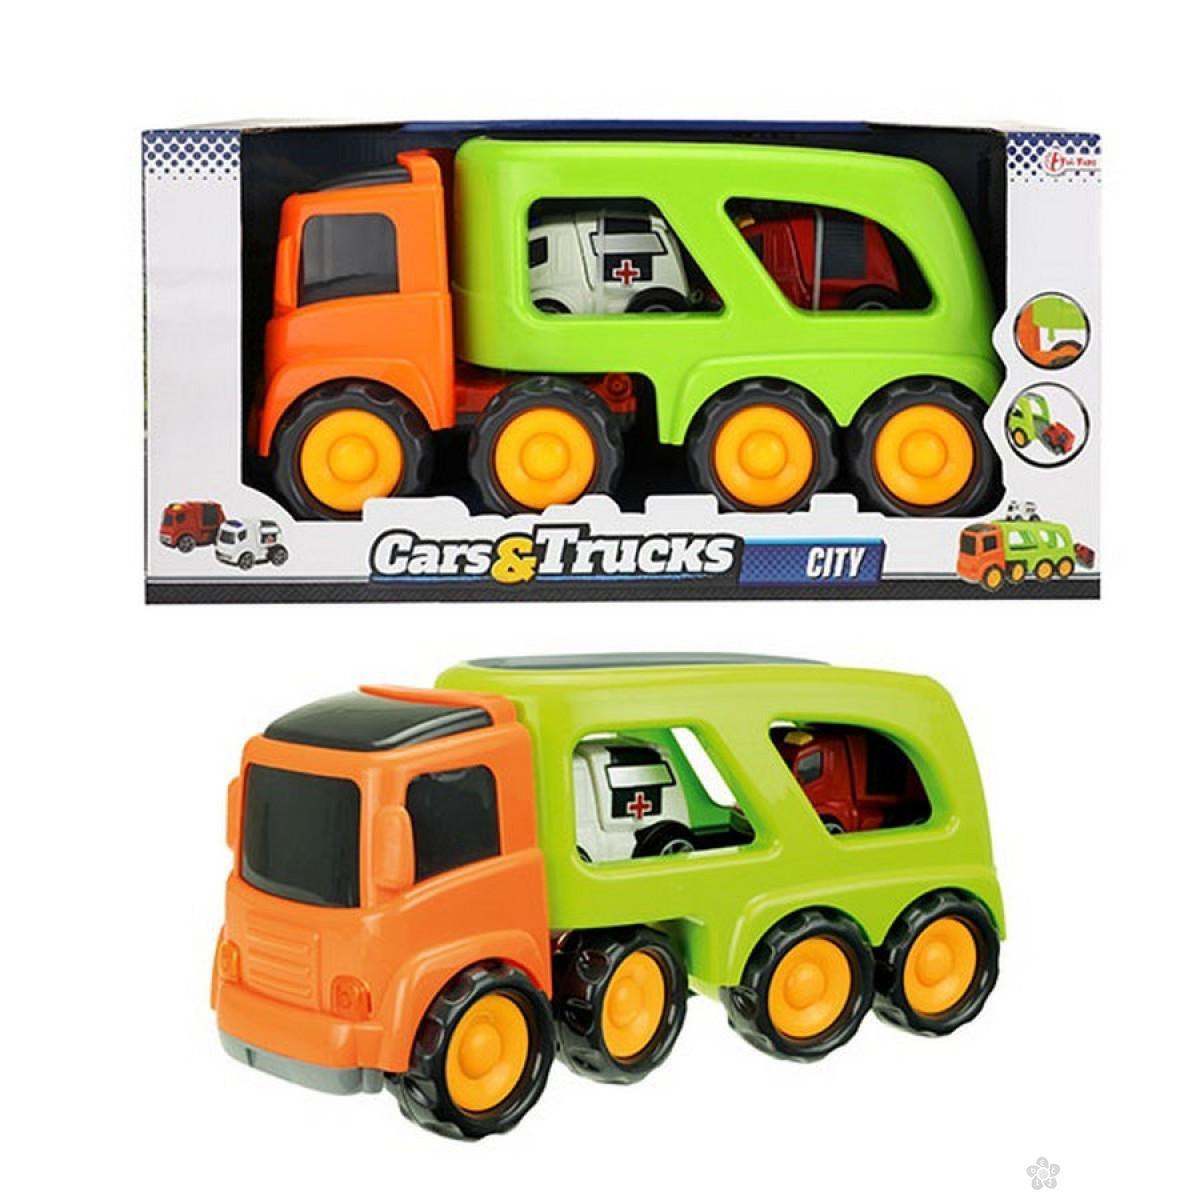 Kamion CARS&TRUCKS sa vozilima za hitnu intervenciju 72742A